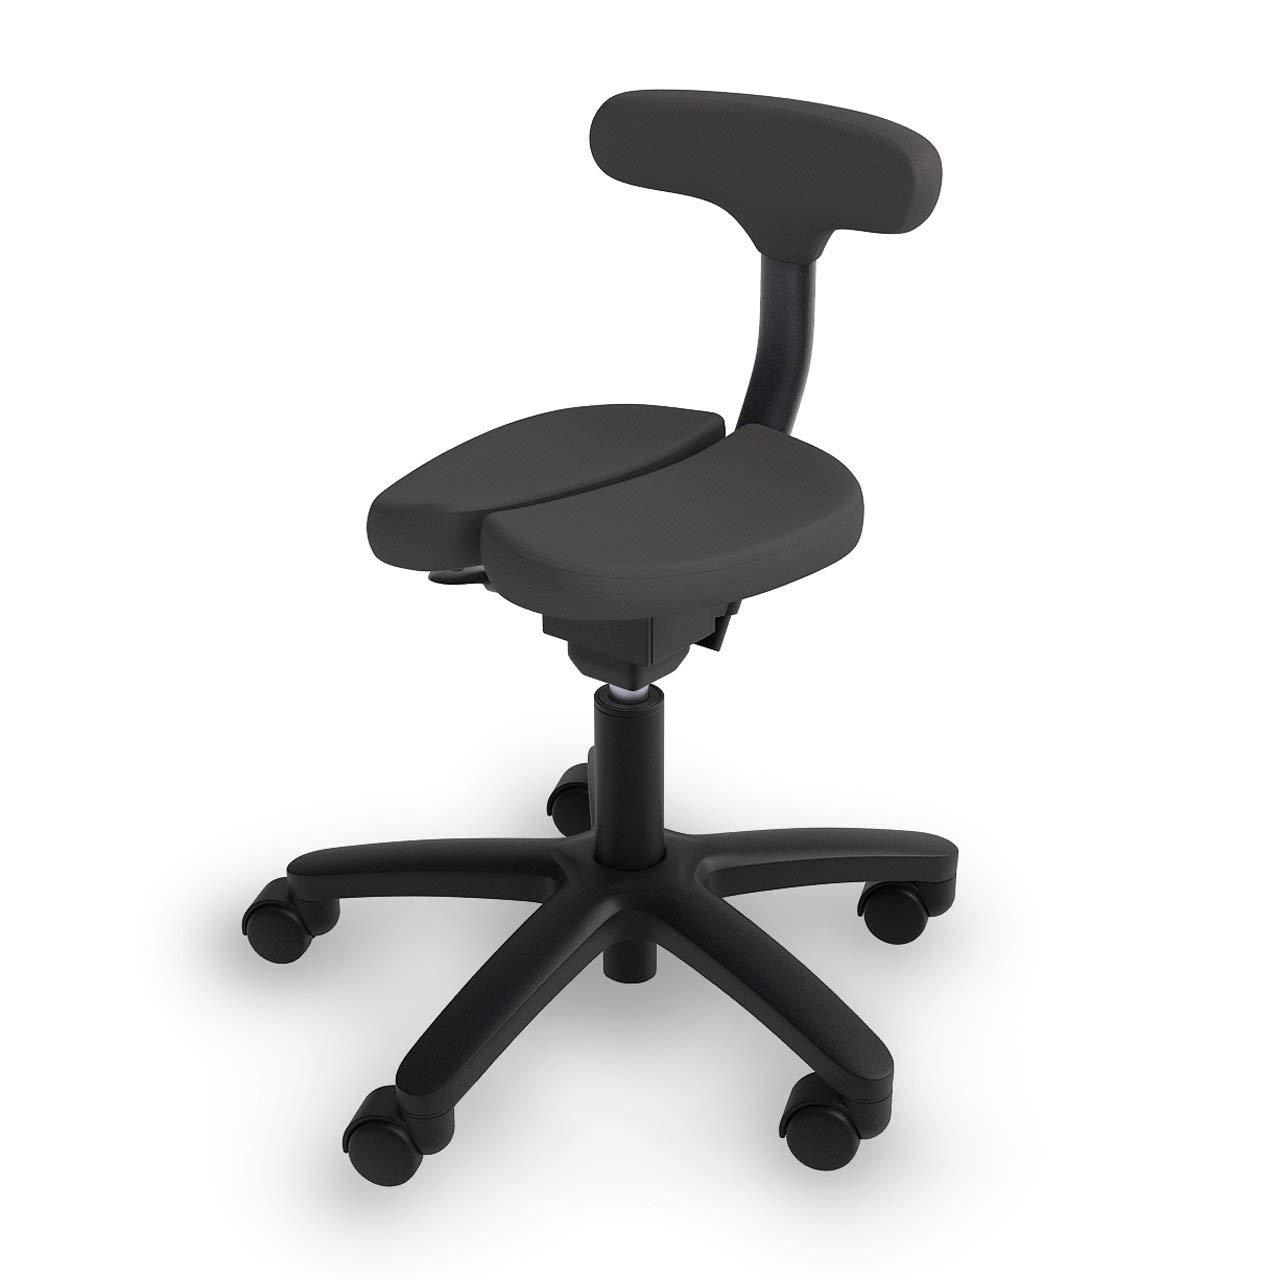 腰痛対策の椅子おすすめ7選!アーユルチェアやゲーミングチェアも